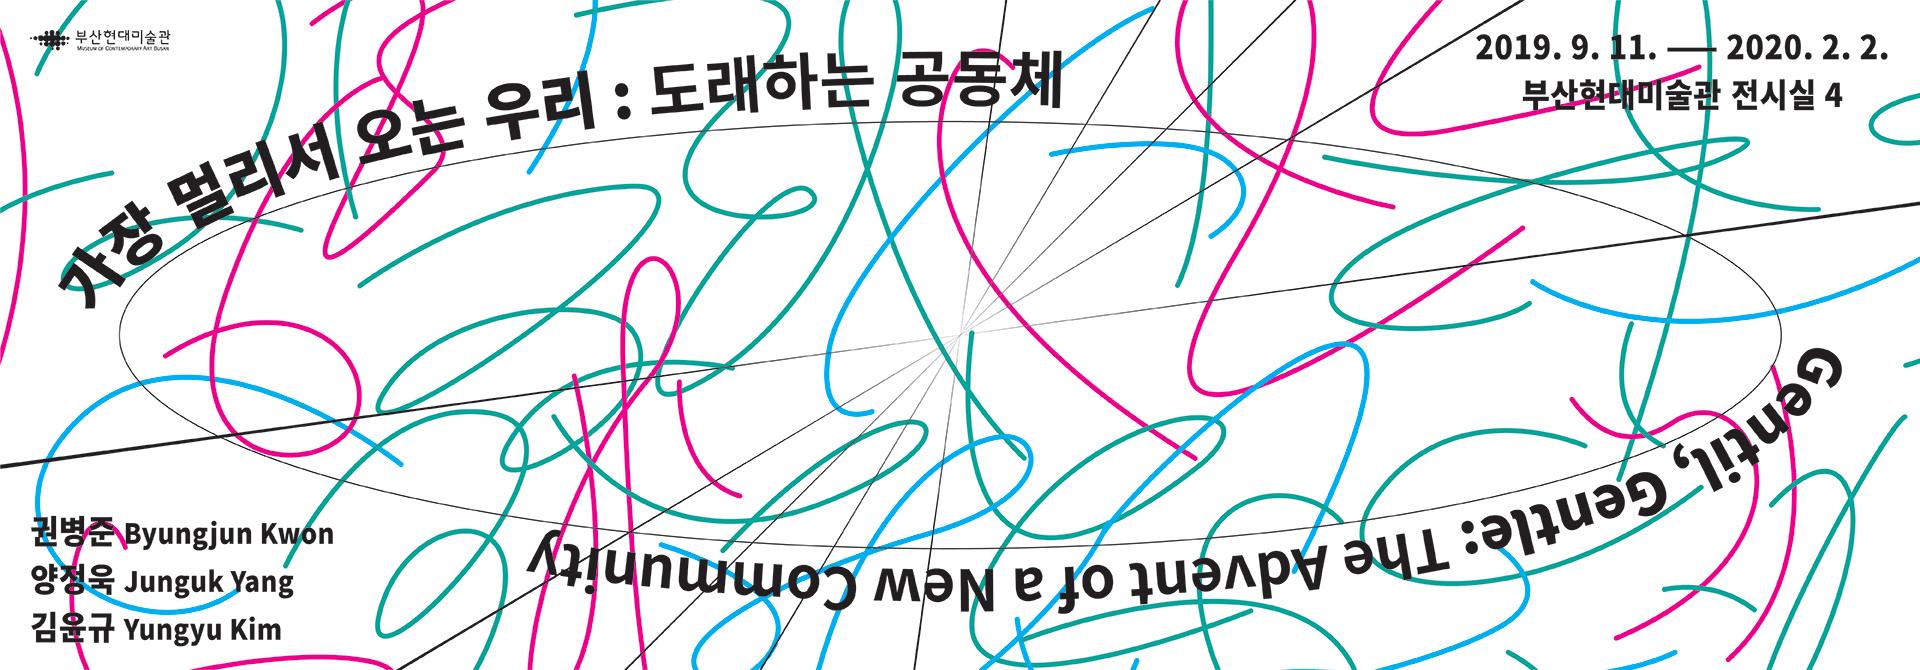 가장 멀리서 오는 우리 : 도래하는 공동체 Gentil, Gentle : The Advent of a New Community 2019. 9. 11. ~ 2020. 2. 2. 부산현대미술관 전시실 4 권병준 양정욱 김윤규 Byungjun Kwon Junguk Yang Yungyu Kim